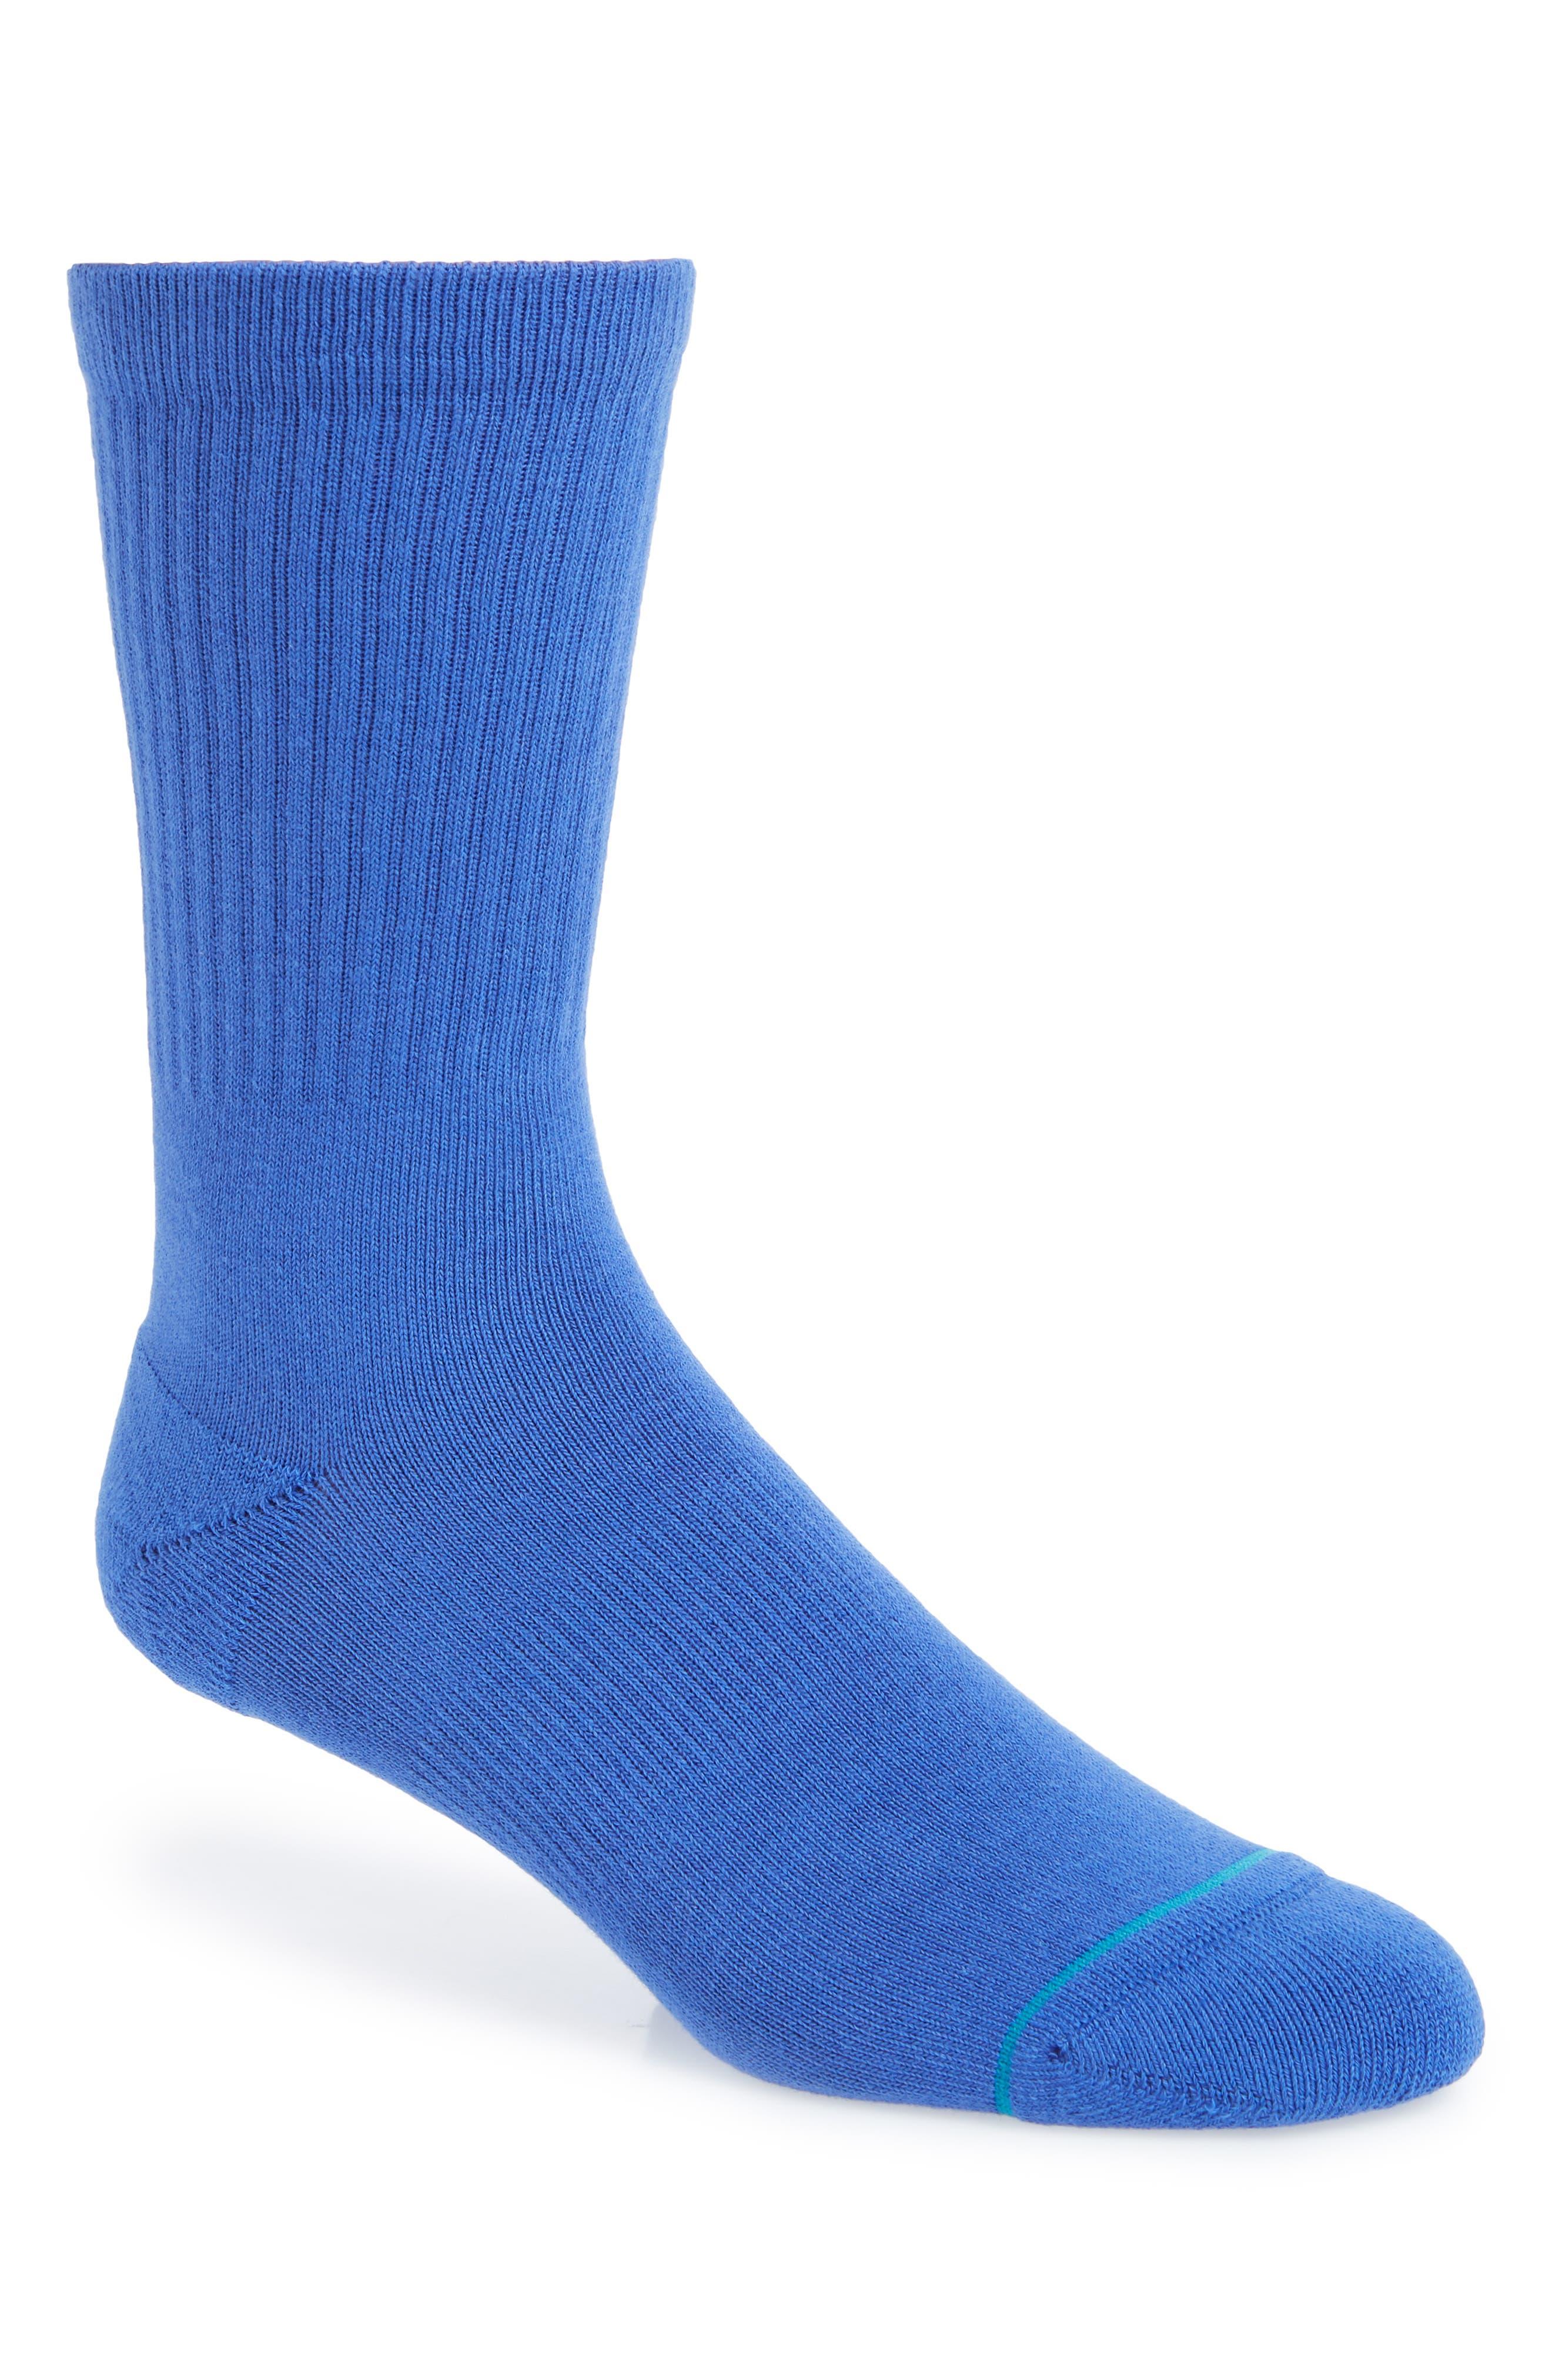 'Icon' Athletic Socks,                             Main thumbnail 1, color,                             ROYAL